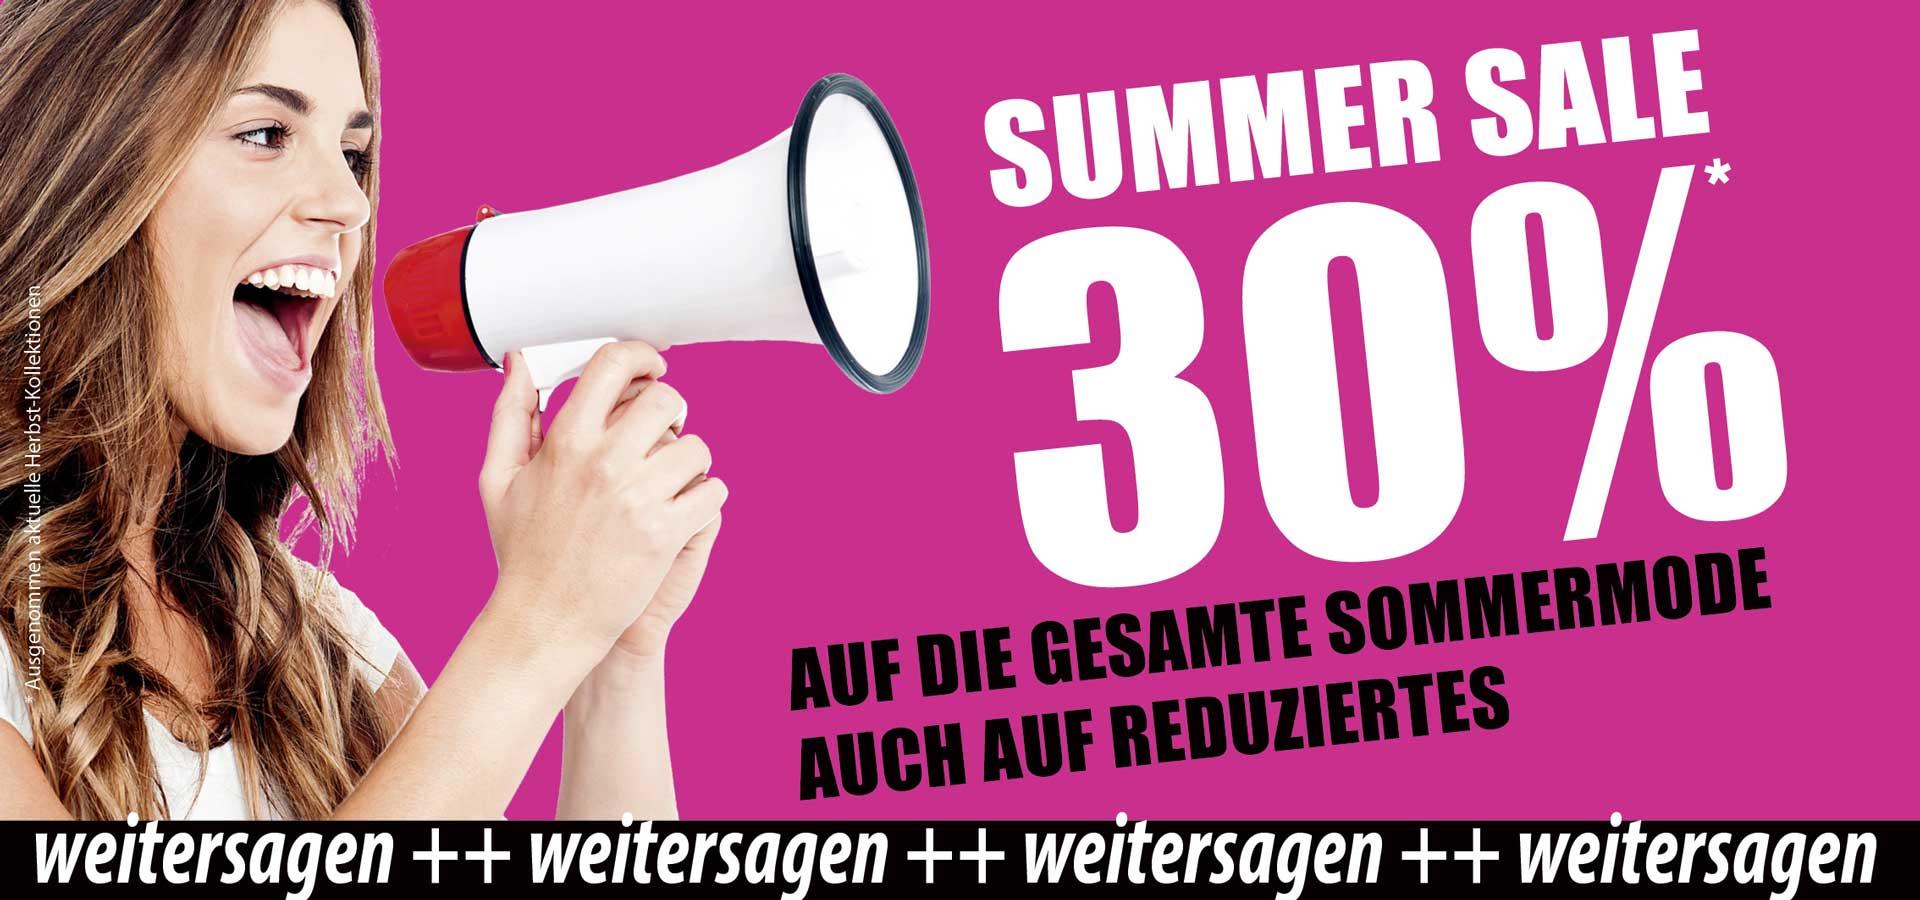 summer-sale-16